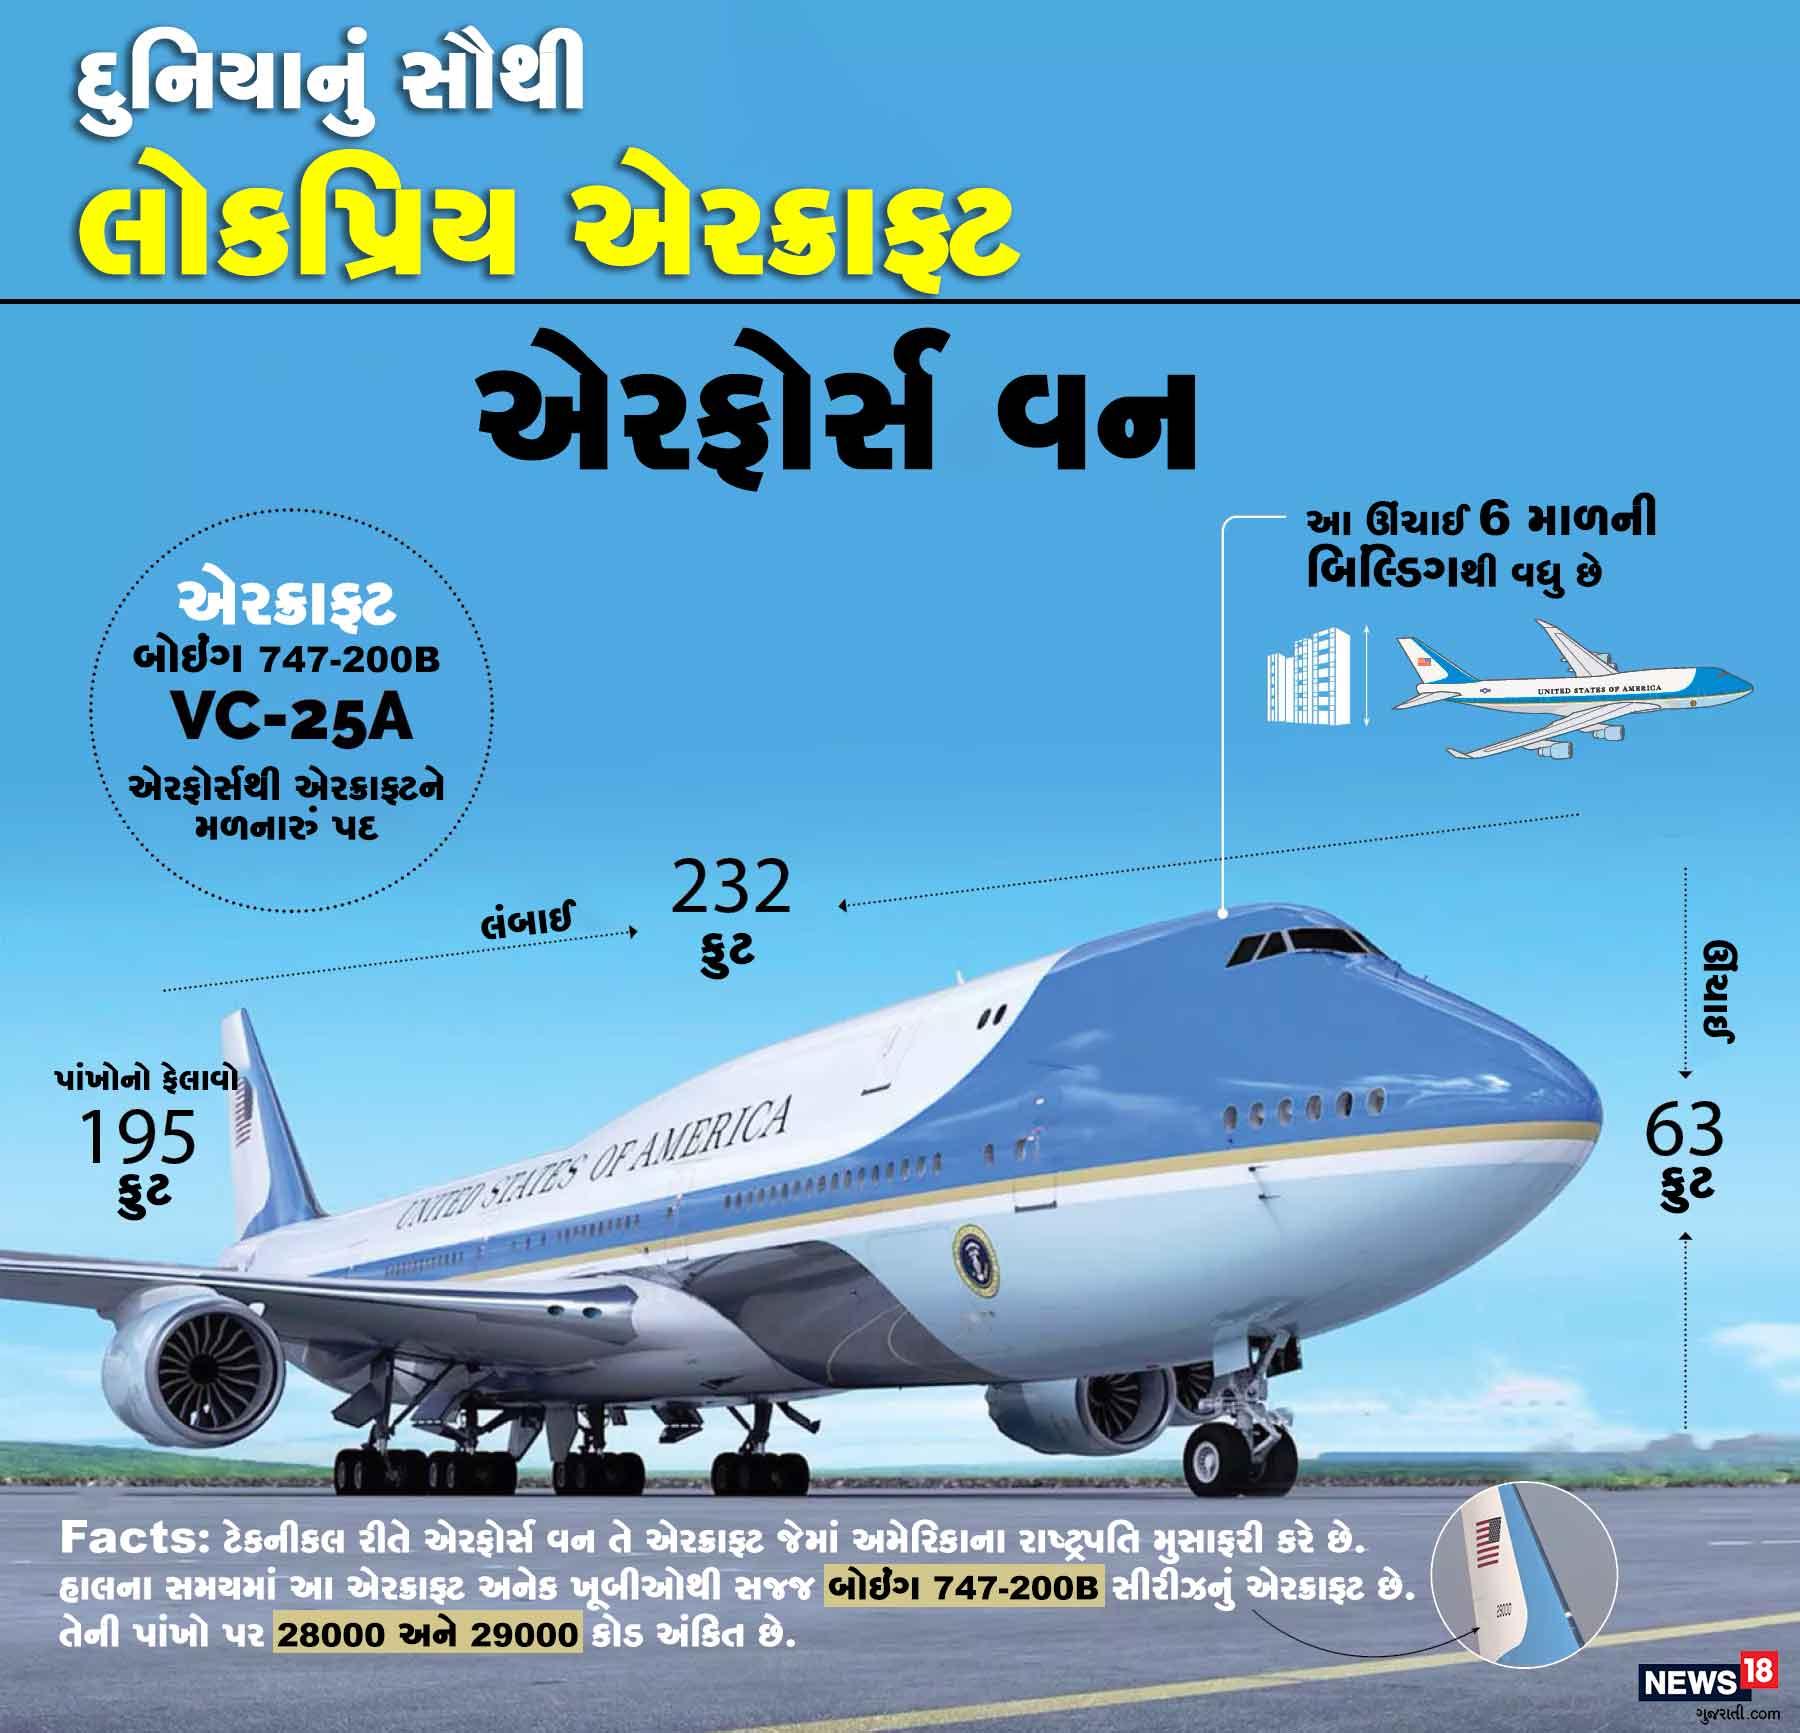 અમેરિકાના રાષ્ટ્રપતિનું એરક્રાફ્ટ બોઇંગ 747-200B સીરીઝનું છે. અમેરિકાની એરફોર્સે આ એરક્રાફ્ટને VC-25A નામ આપ્યું છે. આ એરક્રાફ્ટની ઊંચાઈ 6 માળની બિલ્ડિંગથી વધુ છે. તેની પાંખોનો ફેલાવો 195 ફુટ અને લંબાઈ 232 ફુટ છે. એરફોર્સ વન એરક્રાફ્ટ અમદાવાદ એરપોર્ટ (Ahmedabad Airport) પર 24 ફેબ્રુઆરી લૅન્ડ થશે. રિપોર્ટ મુજબ તેના કારણે 60 જેટલી ડોમેસ્ટિક અને ઇન્ટરનેશનલ ફ્લાઇટની આવન-જાવન પર અસર પડશે. કેટલીક ફ્લાઇટ્સને મુંબઈ કે વડોદરા ડાઇવર્ટ (Flights Diverted) પણ કરવામાં આવશે.